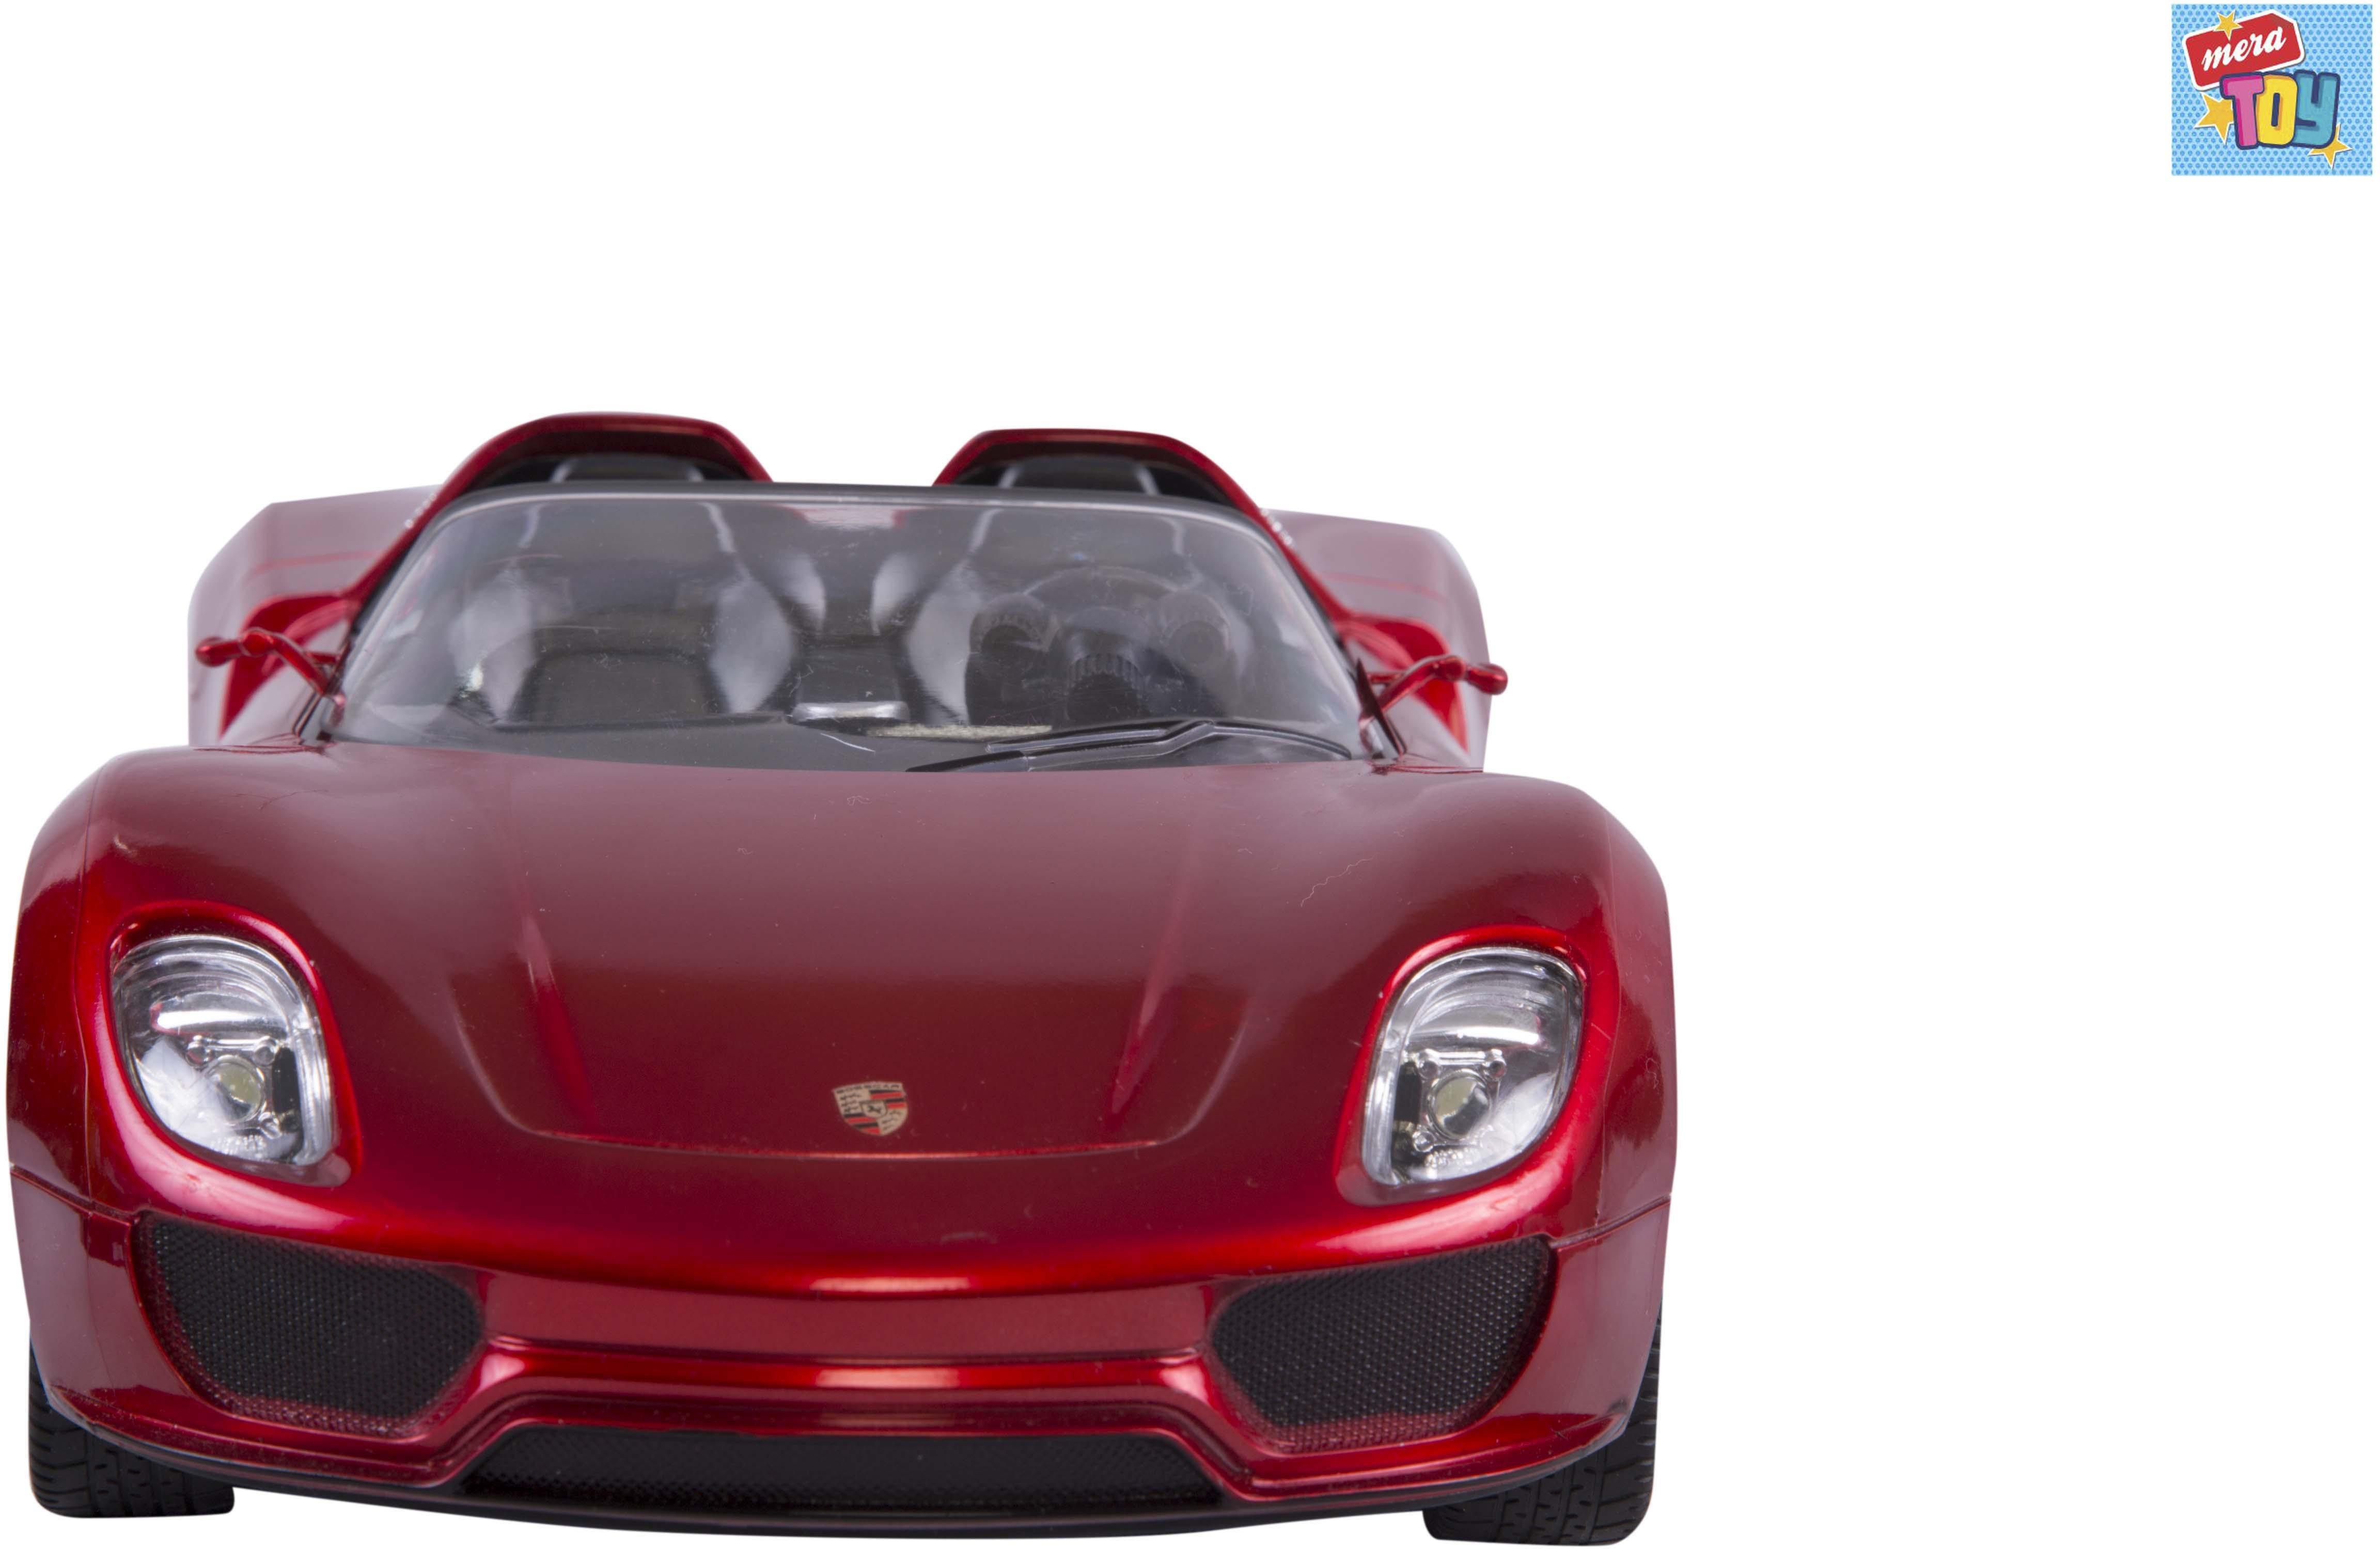 mera-toy-shop-r-c-1-14-porsche-918-spyder-red-original-imae9mbzgpkktssz Fascinating Porsche 918 Spyder Fiyat Listesi Cars Trend